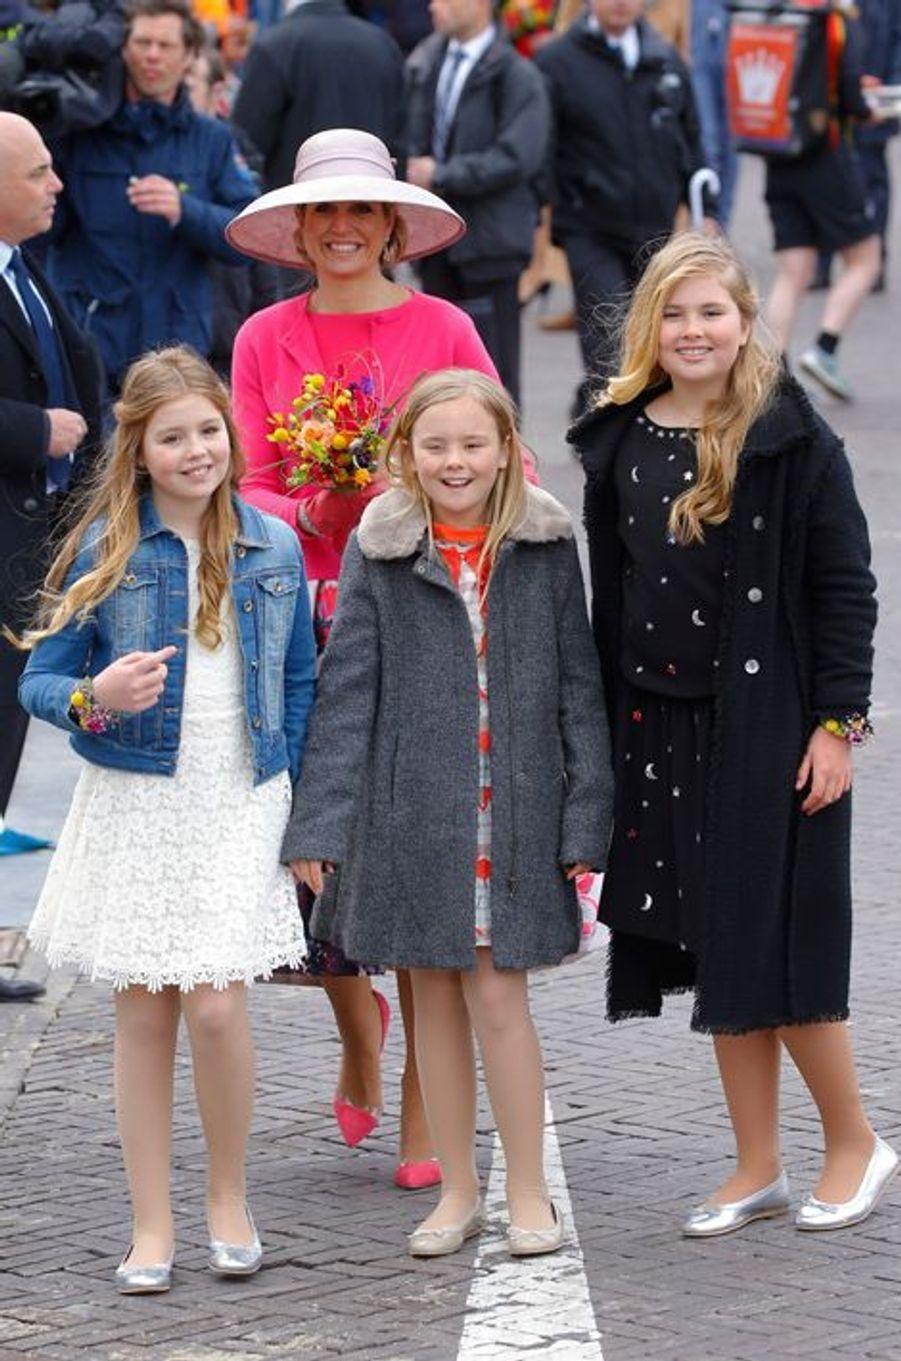 La reine Maxima des Pays-Bas avec ses filles à Zwolle, le 27 avril 2016